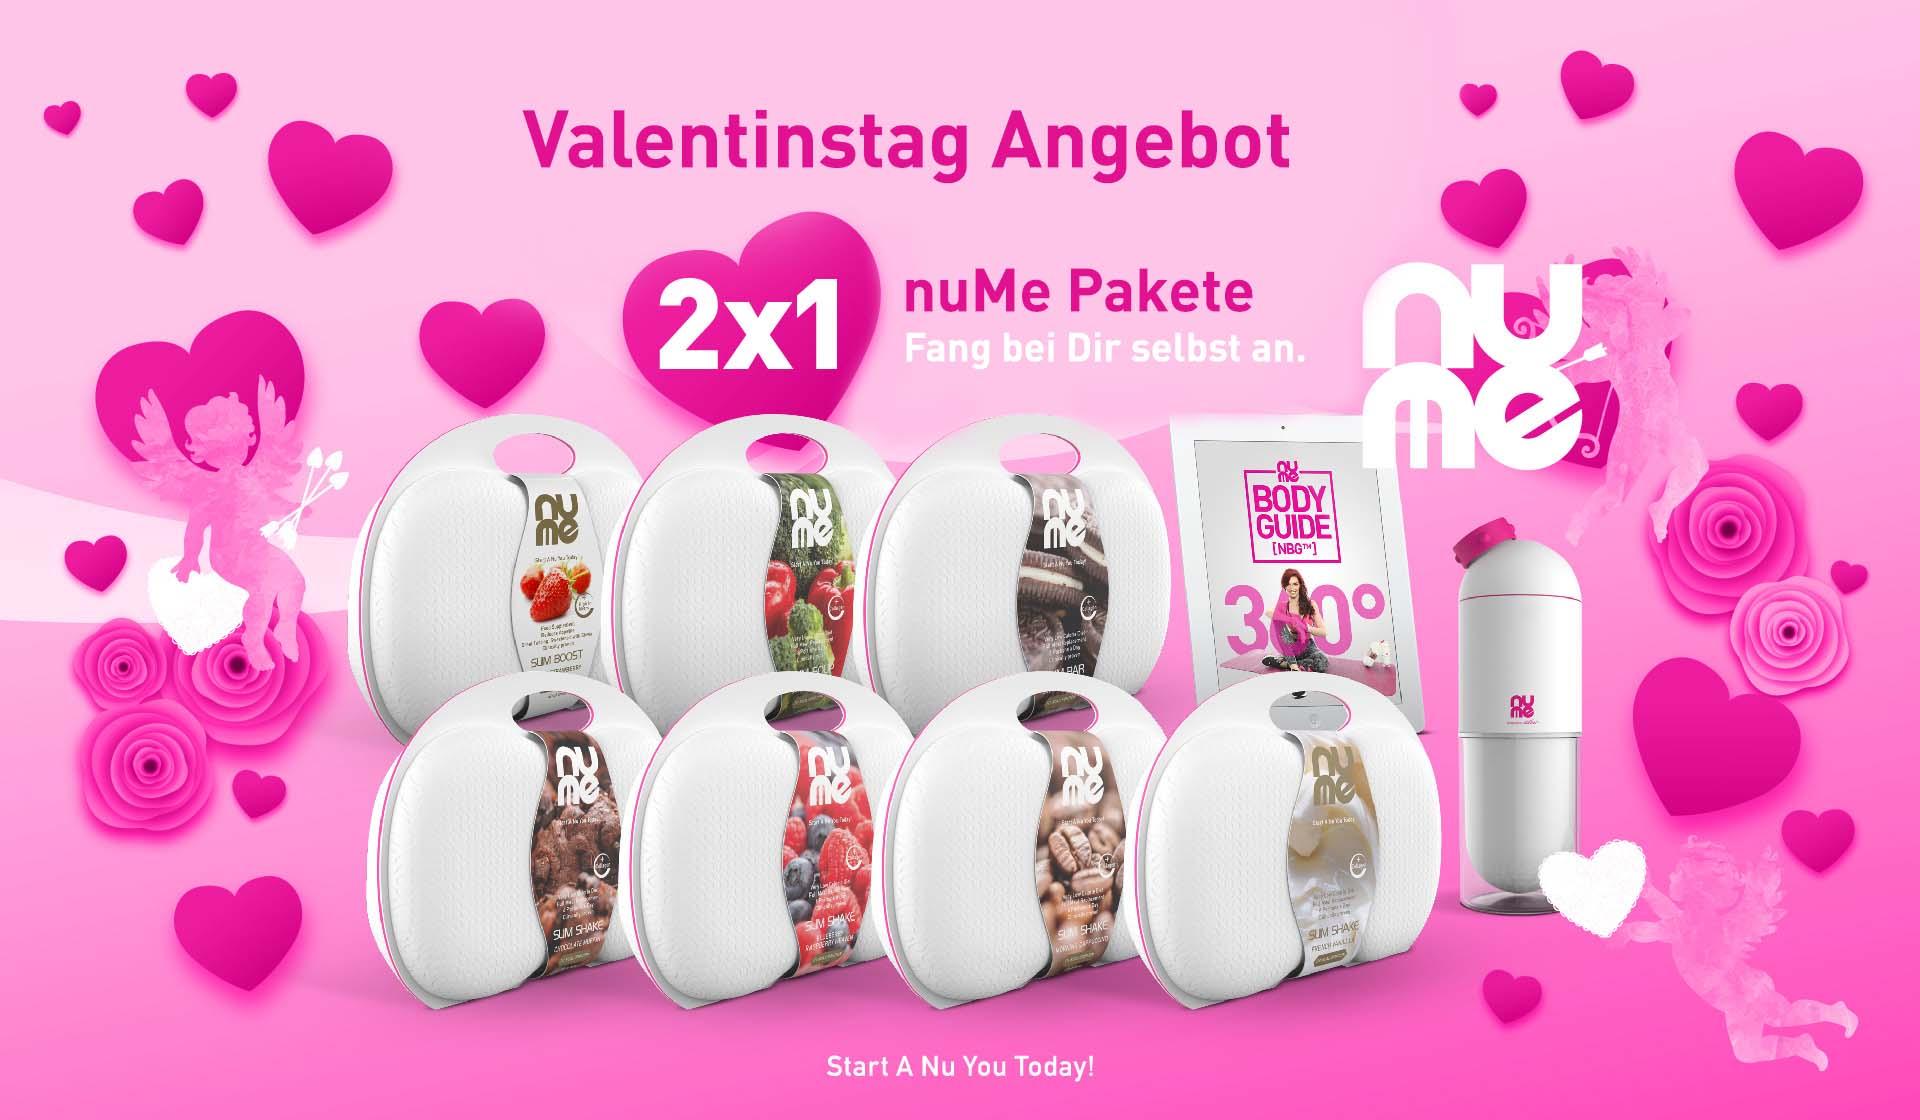 Valentinstag Angebot